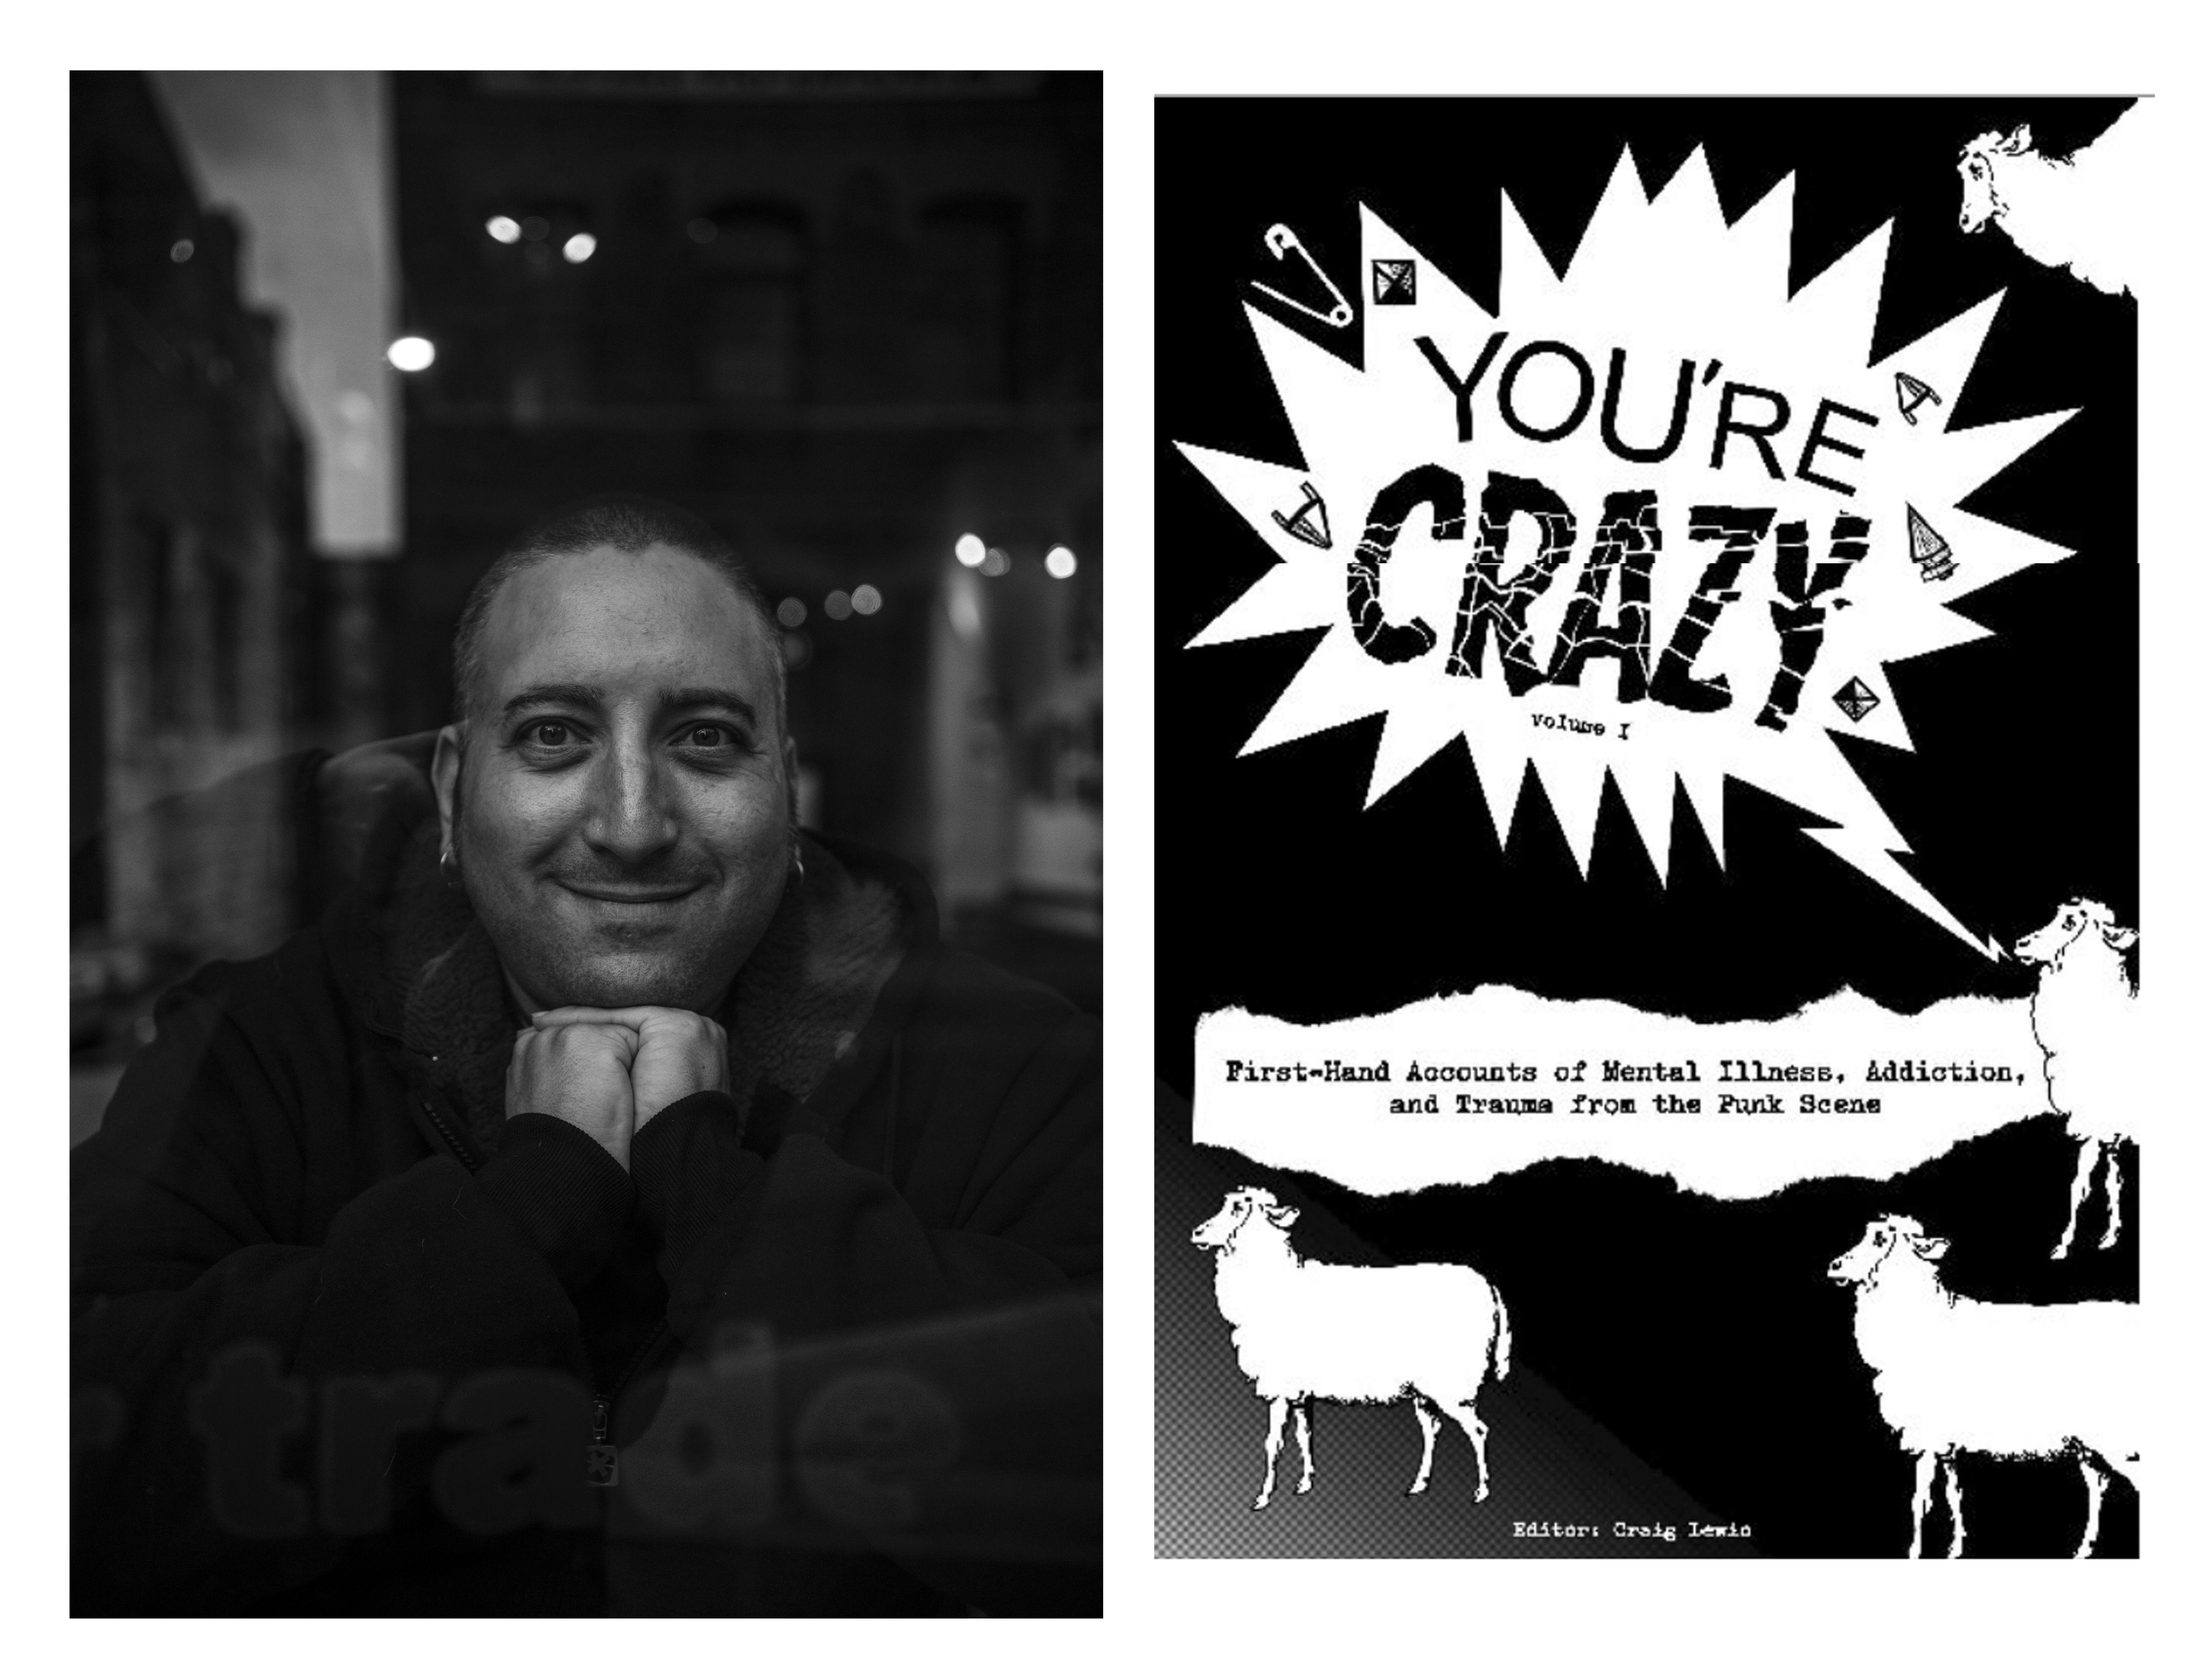 Крейг Льюис и его книга «You're Crazy». Фото: thegritofit.com